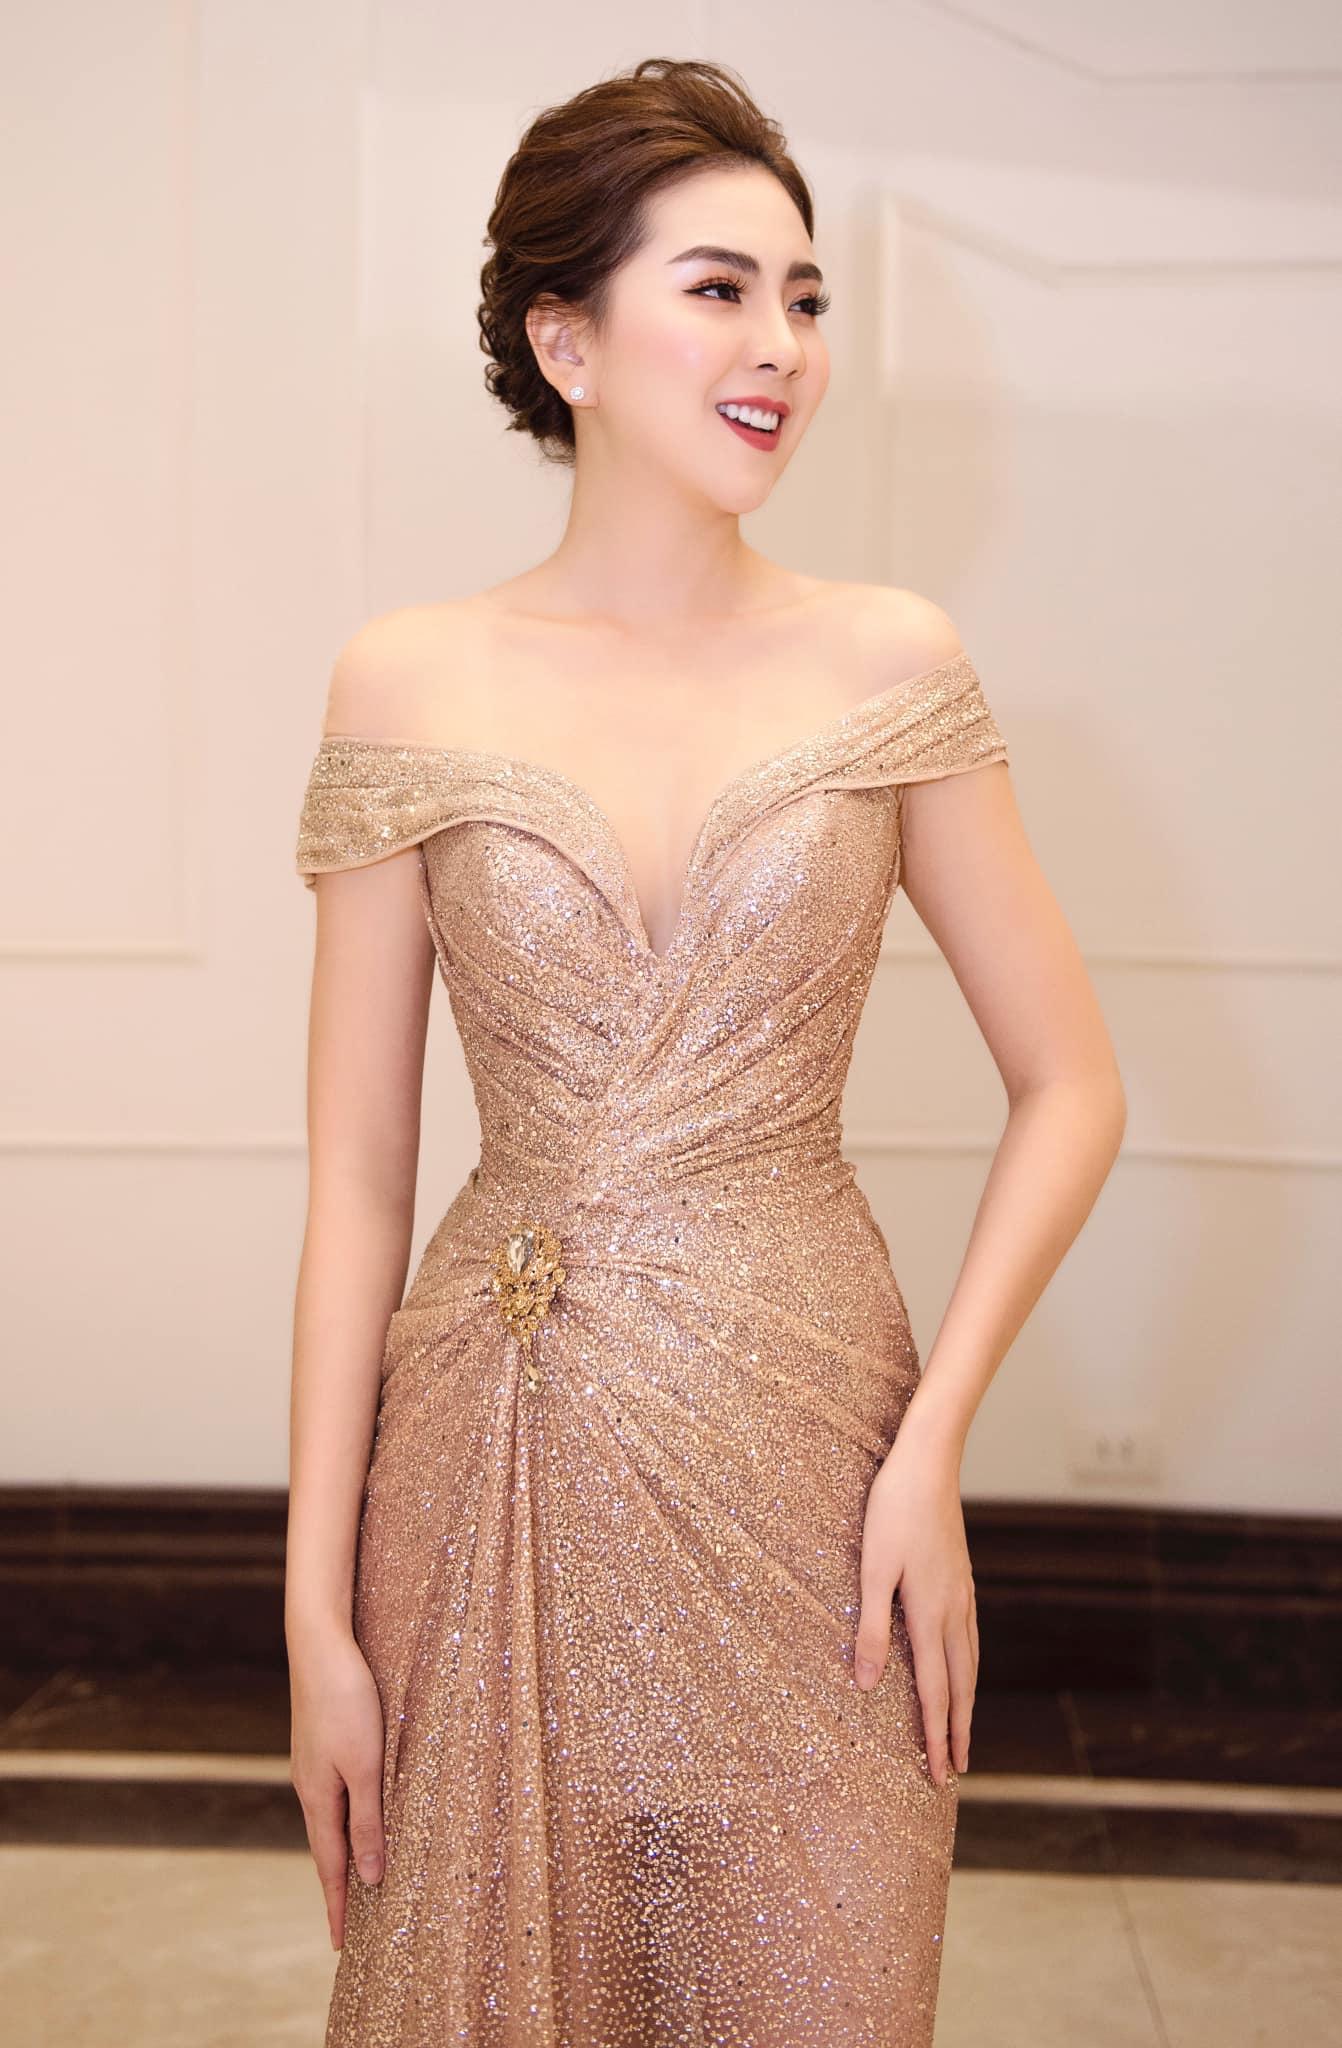 """Mai Ngọc sinh năm 1990, cô là một trong những hot girl đời đầu của Hà thành trước khi trở thành MC truyền hình. Cô được công chúng ưu ái với danh xưng """"Hoa Hậu nhà đài"""""""